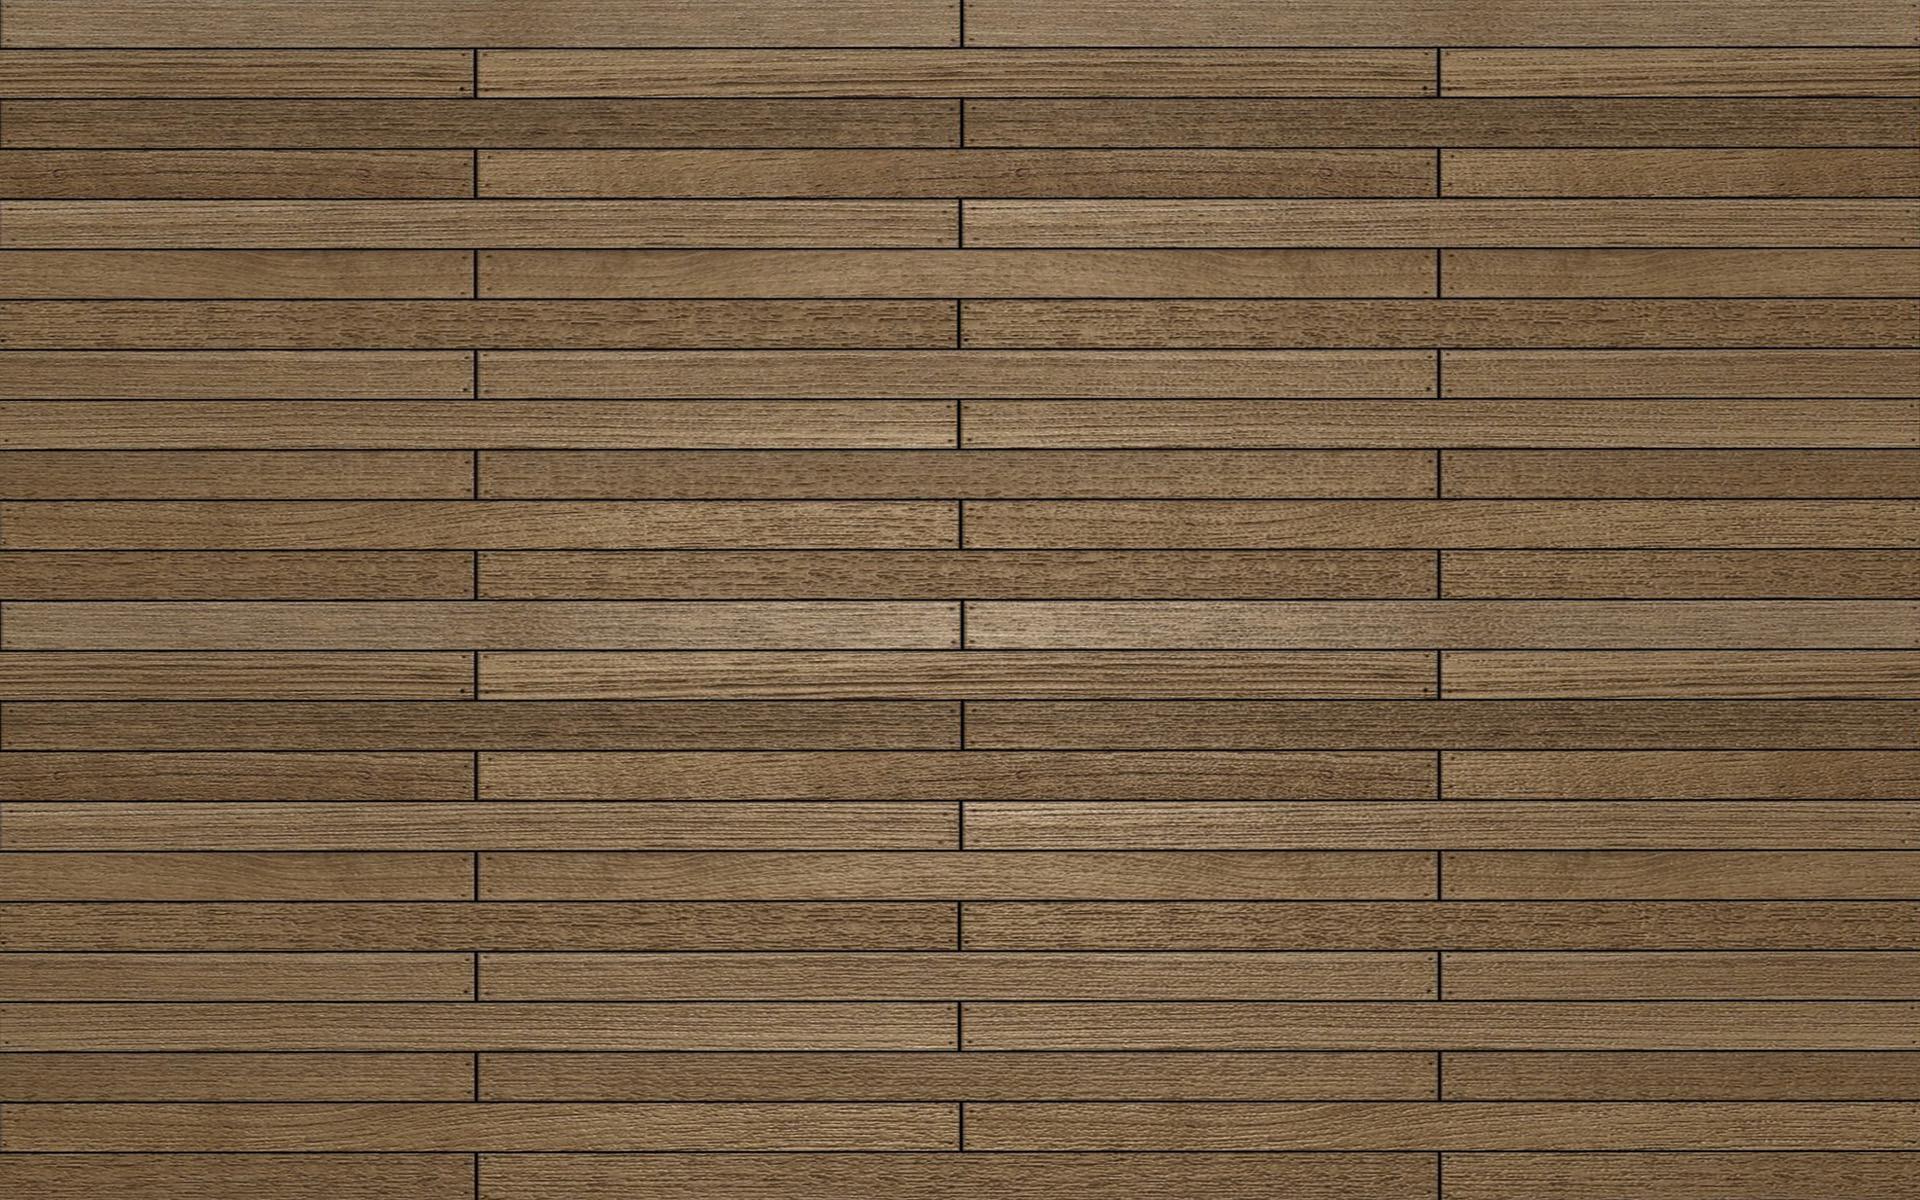 Texture On Floor With Floor Design Texture Wooden Floor Background 1920x1200